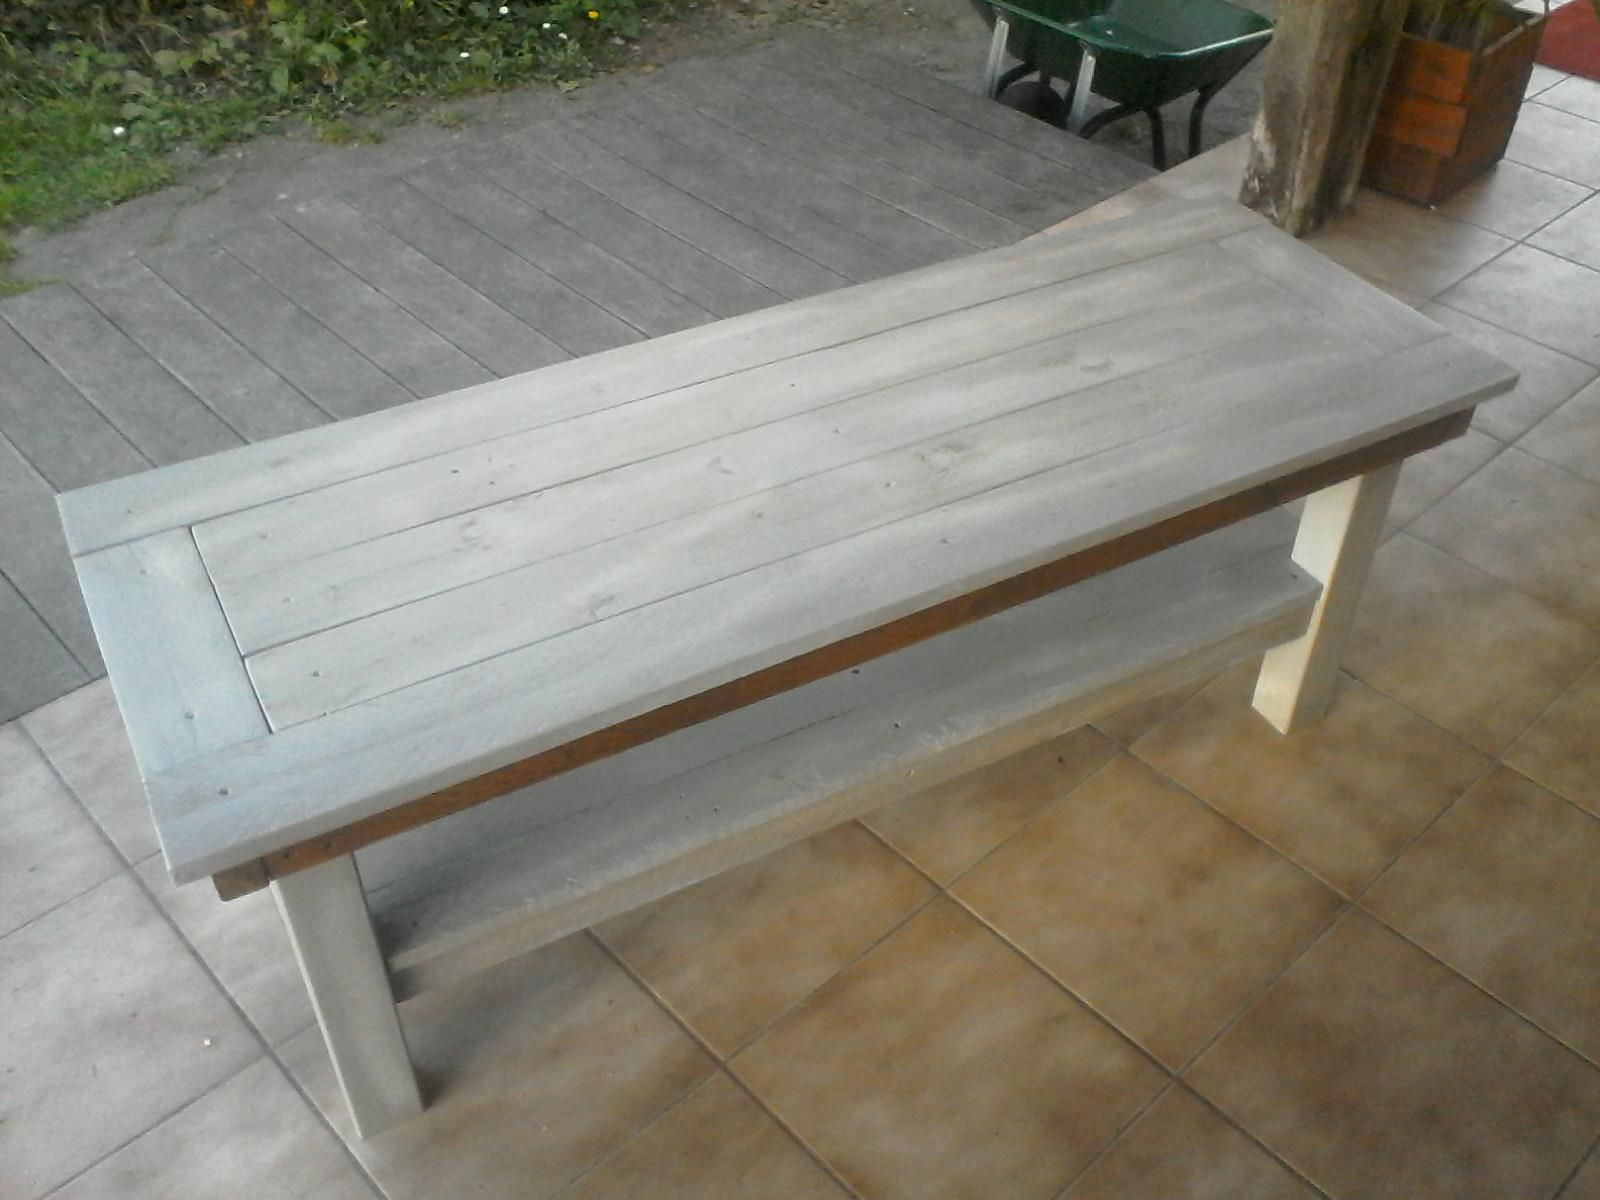 Table Basse En Bois Recycle 150 X 50 Cm Hauteur 45 Cm Autour Du